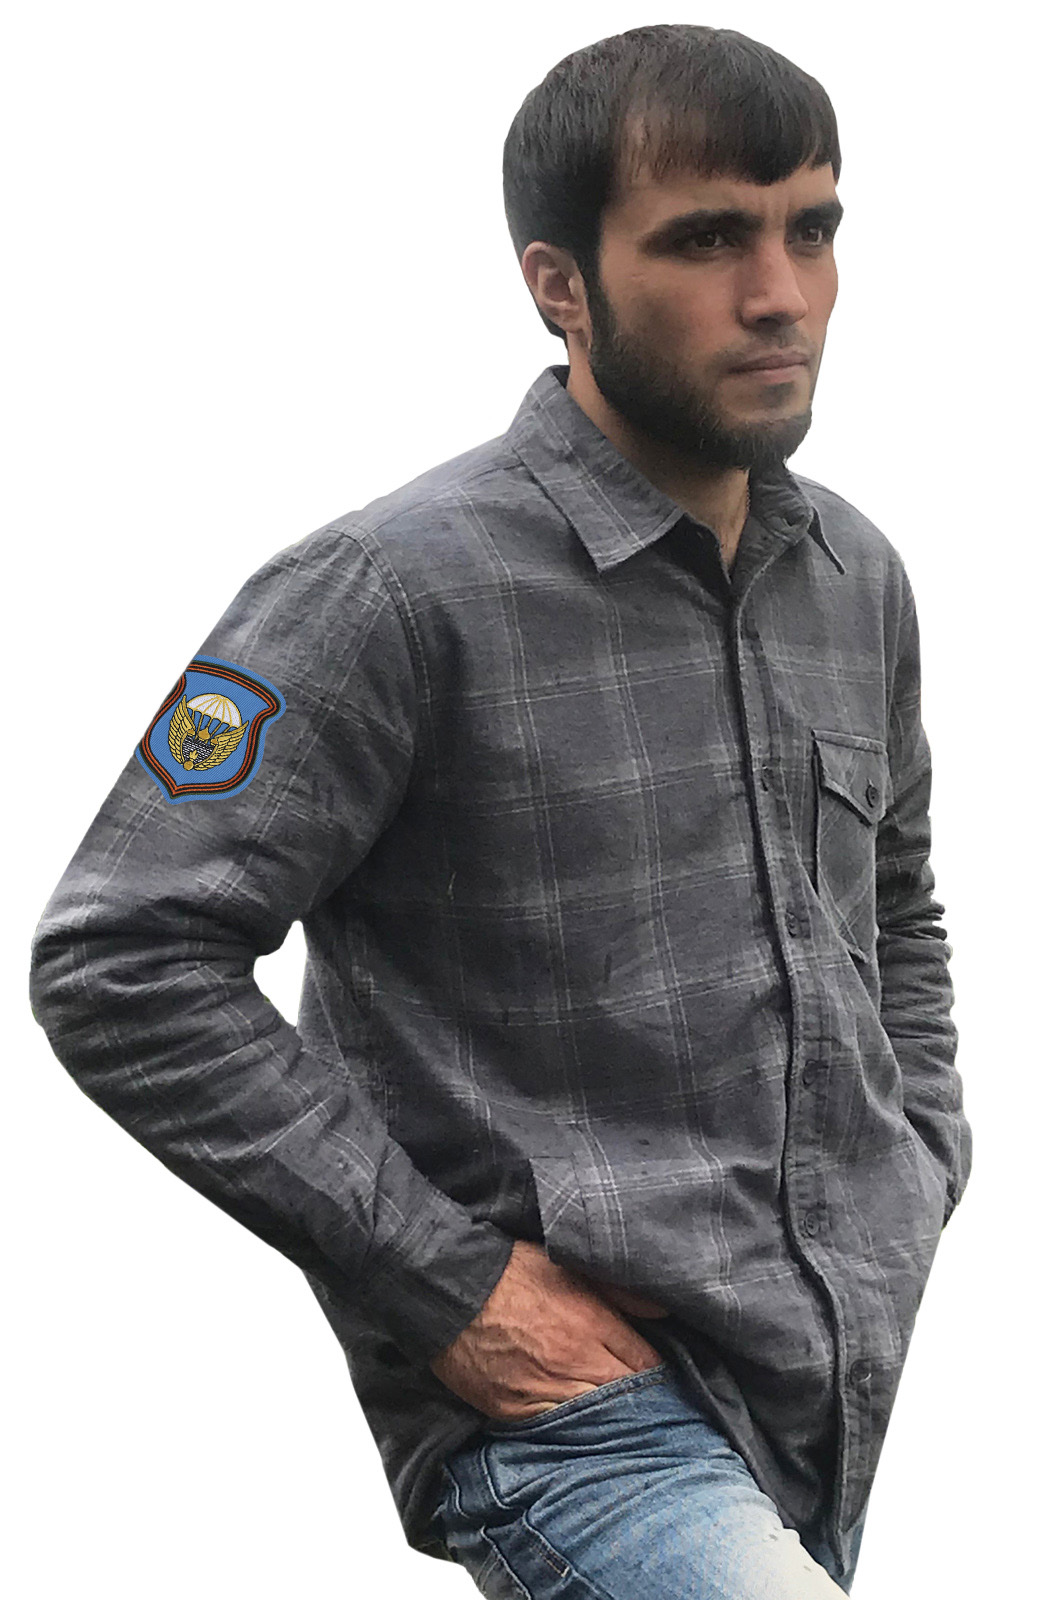 Стильная клетчатая рубашка с вышитым шевроном 106 гв. ВДД